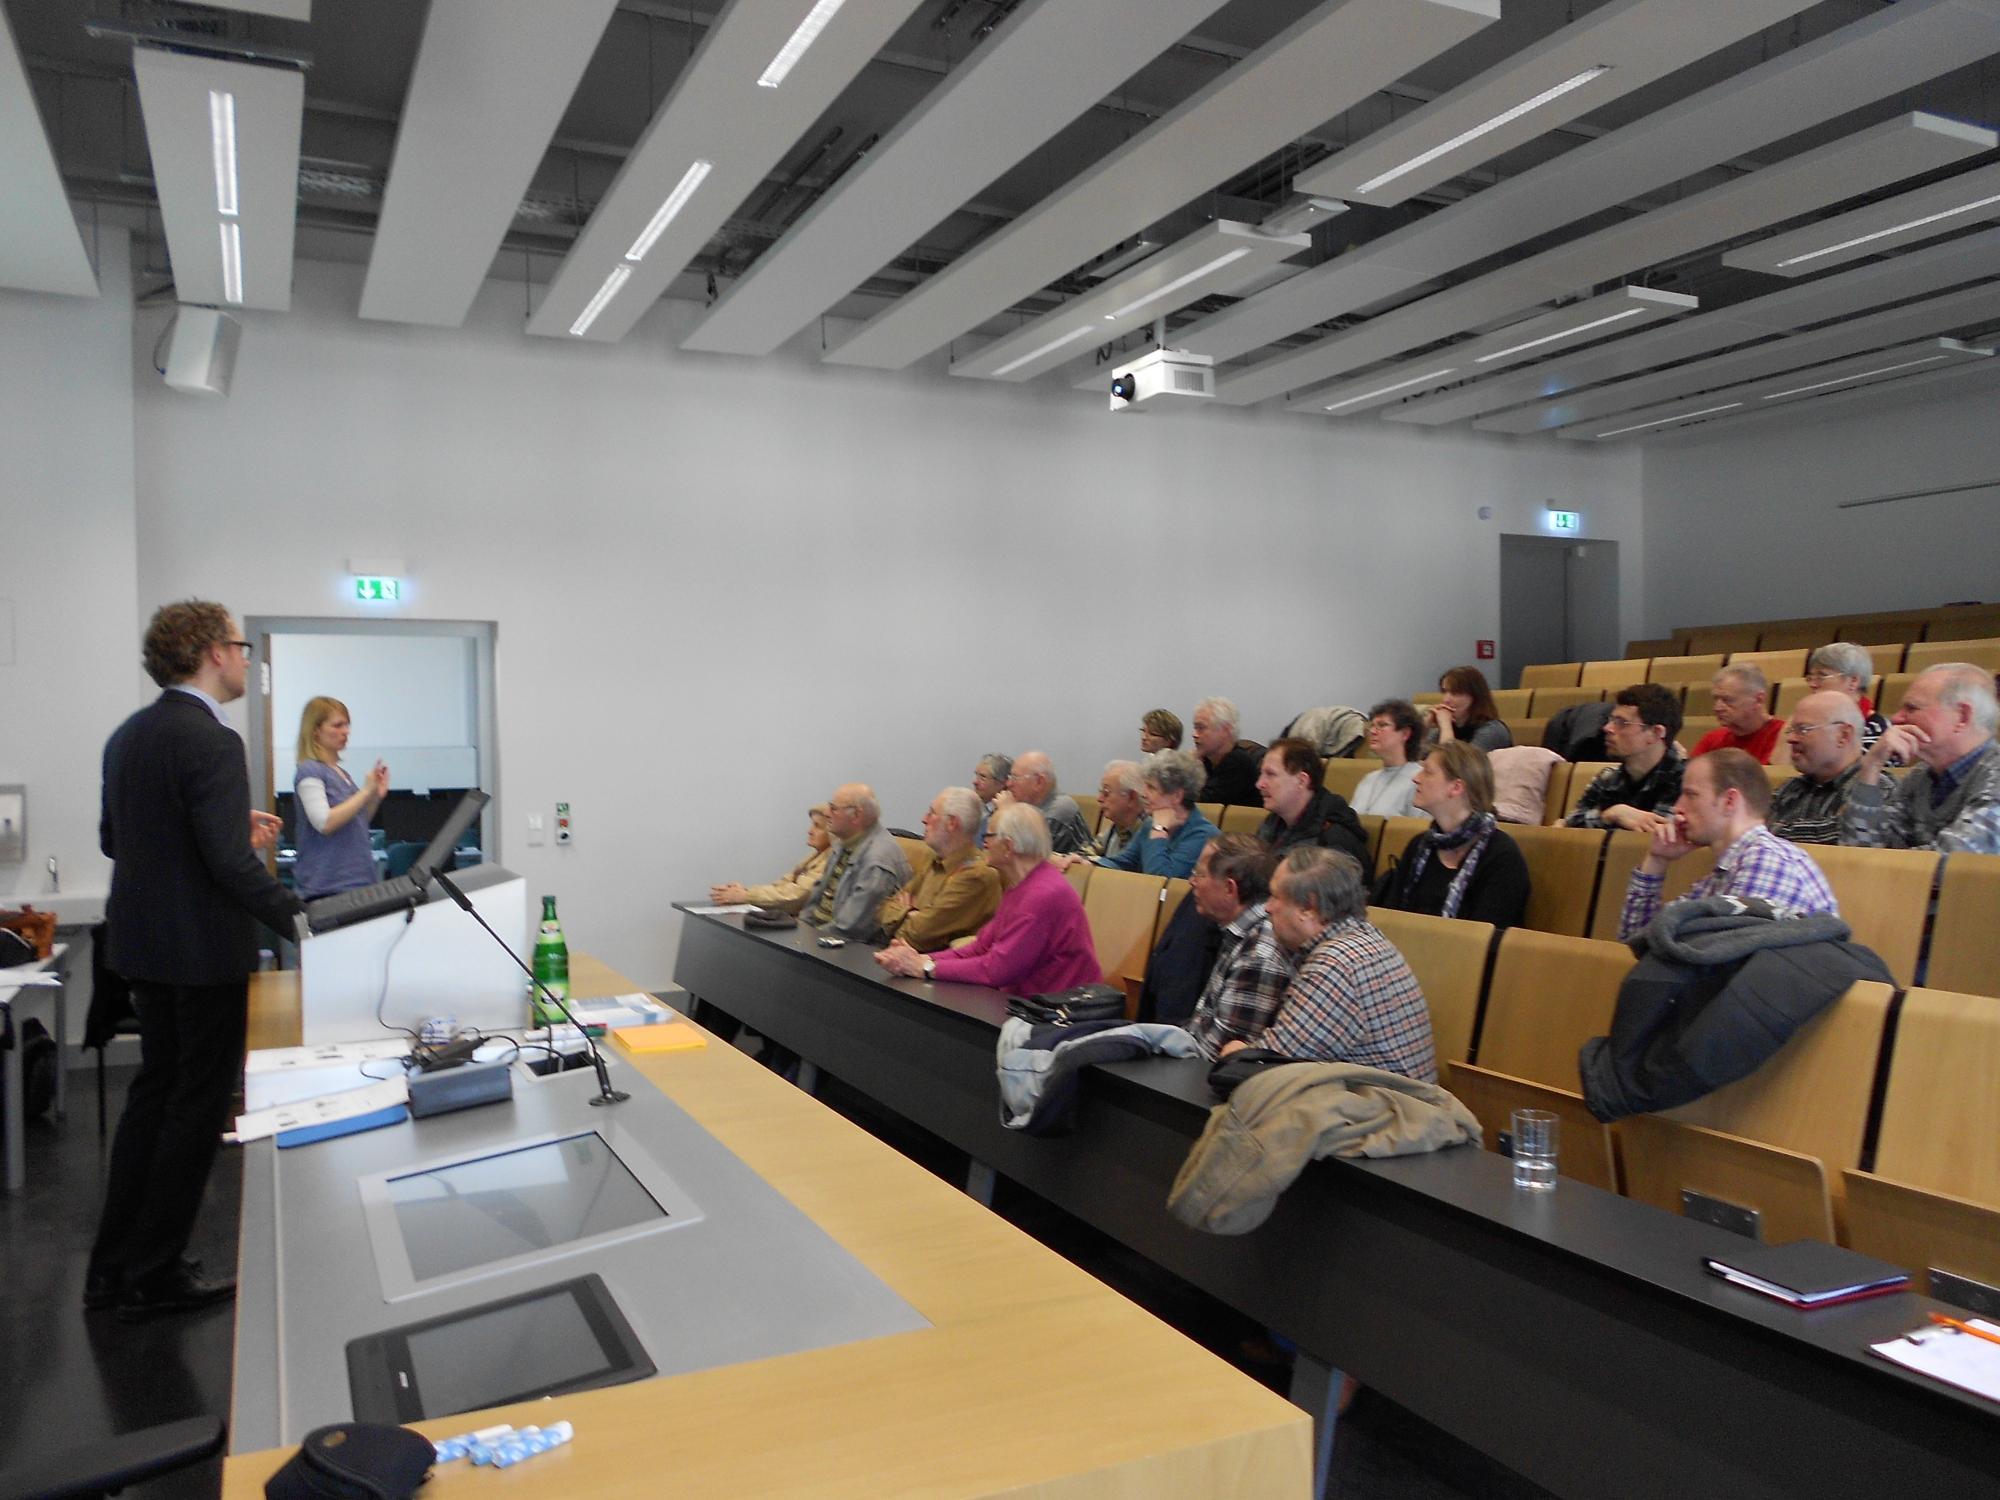 09.04.13 in einem Hörsaal der Evangelischen Hochschule Dresden